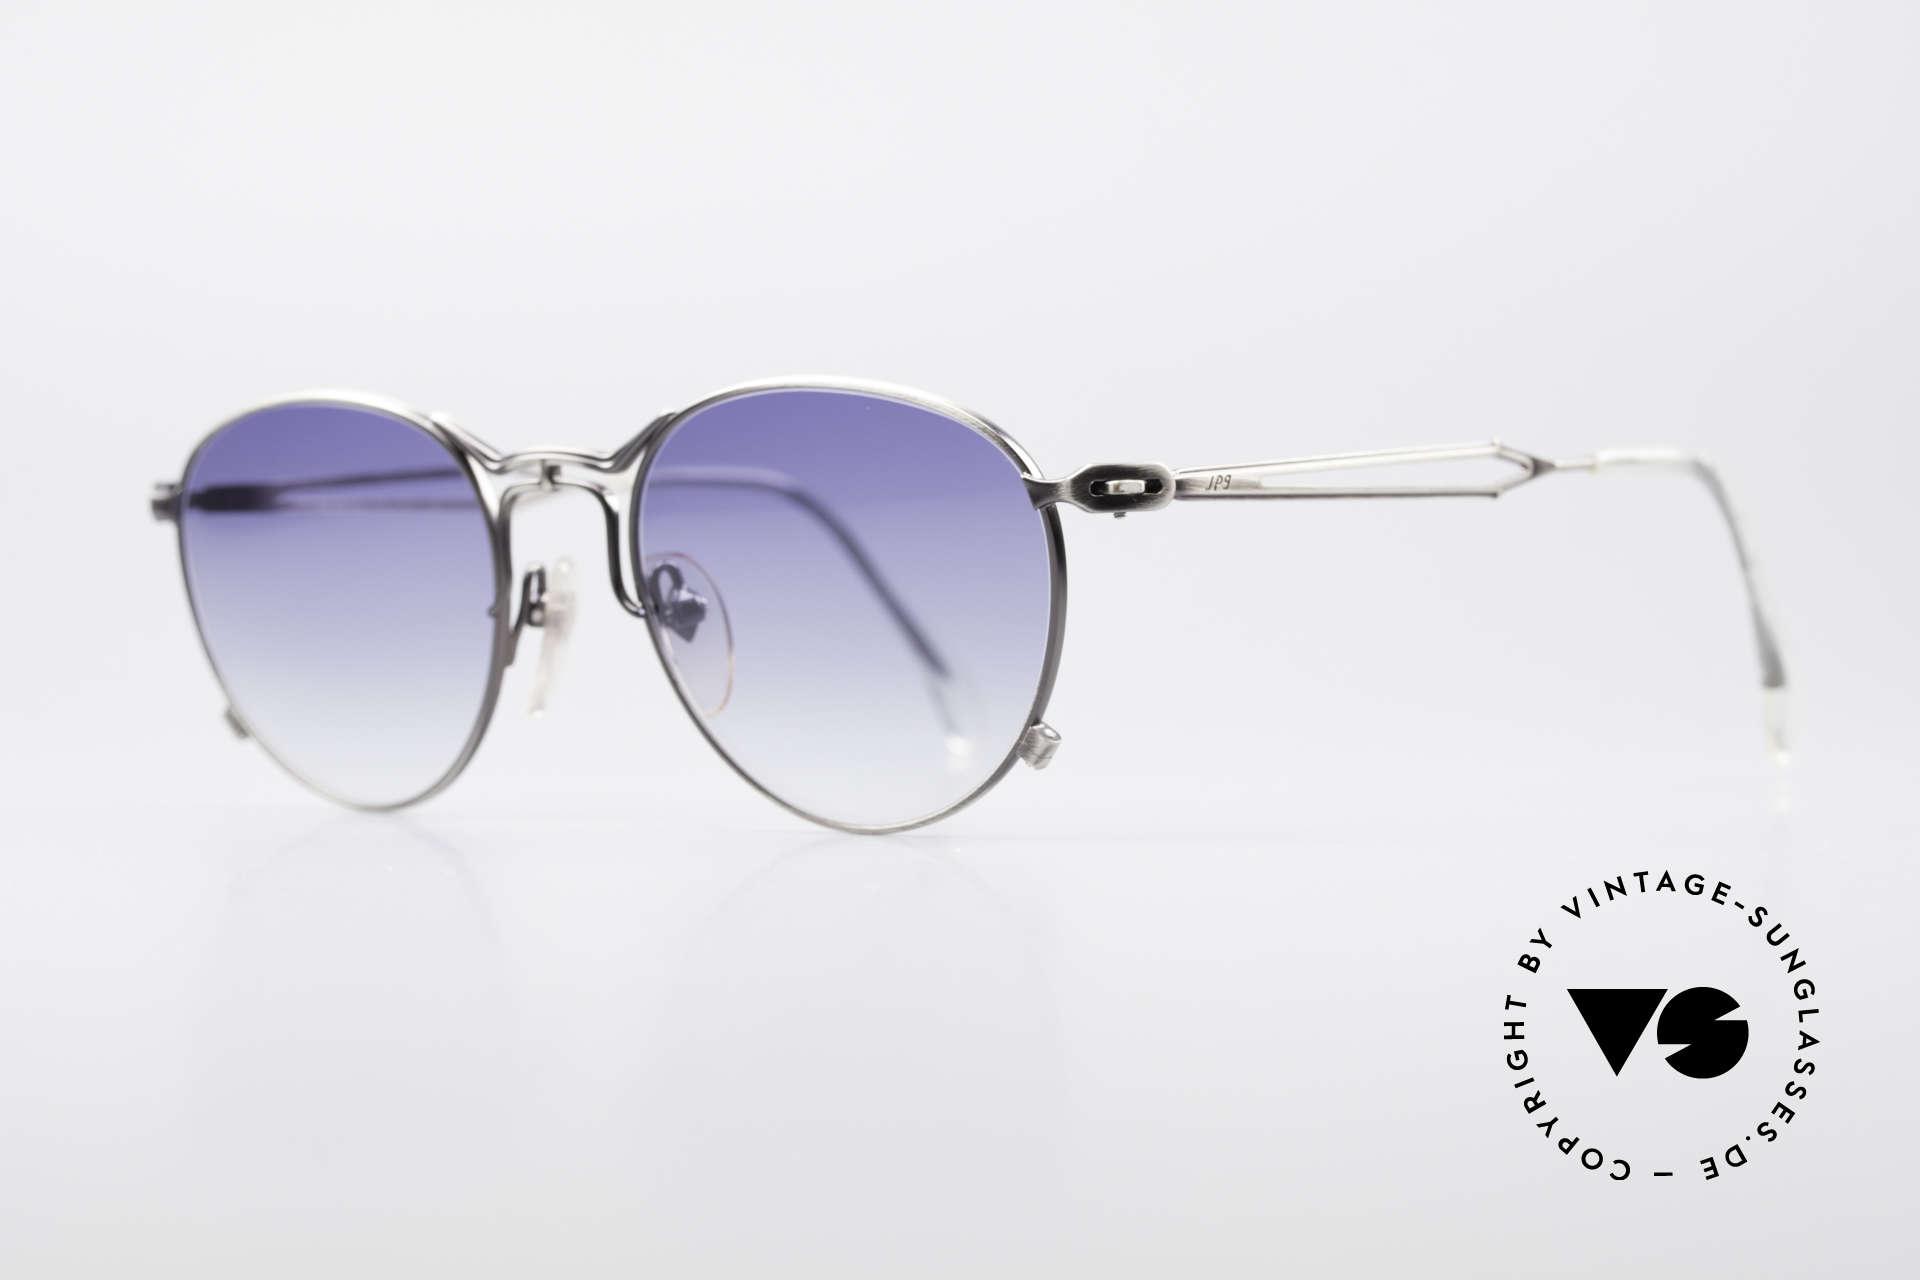 Jean Paul Gaultier 55-2177 Rare Designer Sonnenbrille, auch genannt: Holzkohle-Silber/Grau od. Antik-Silber, Passend für Herren und Damen